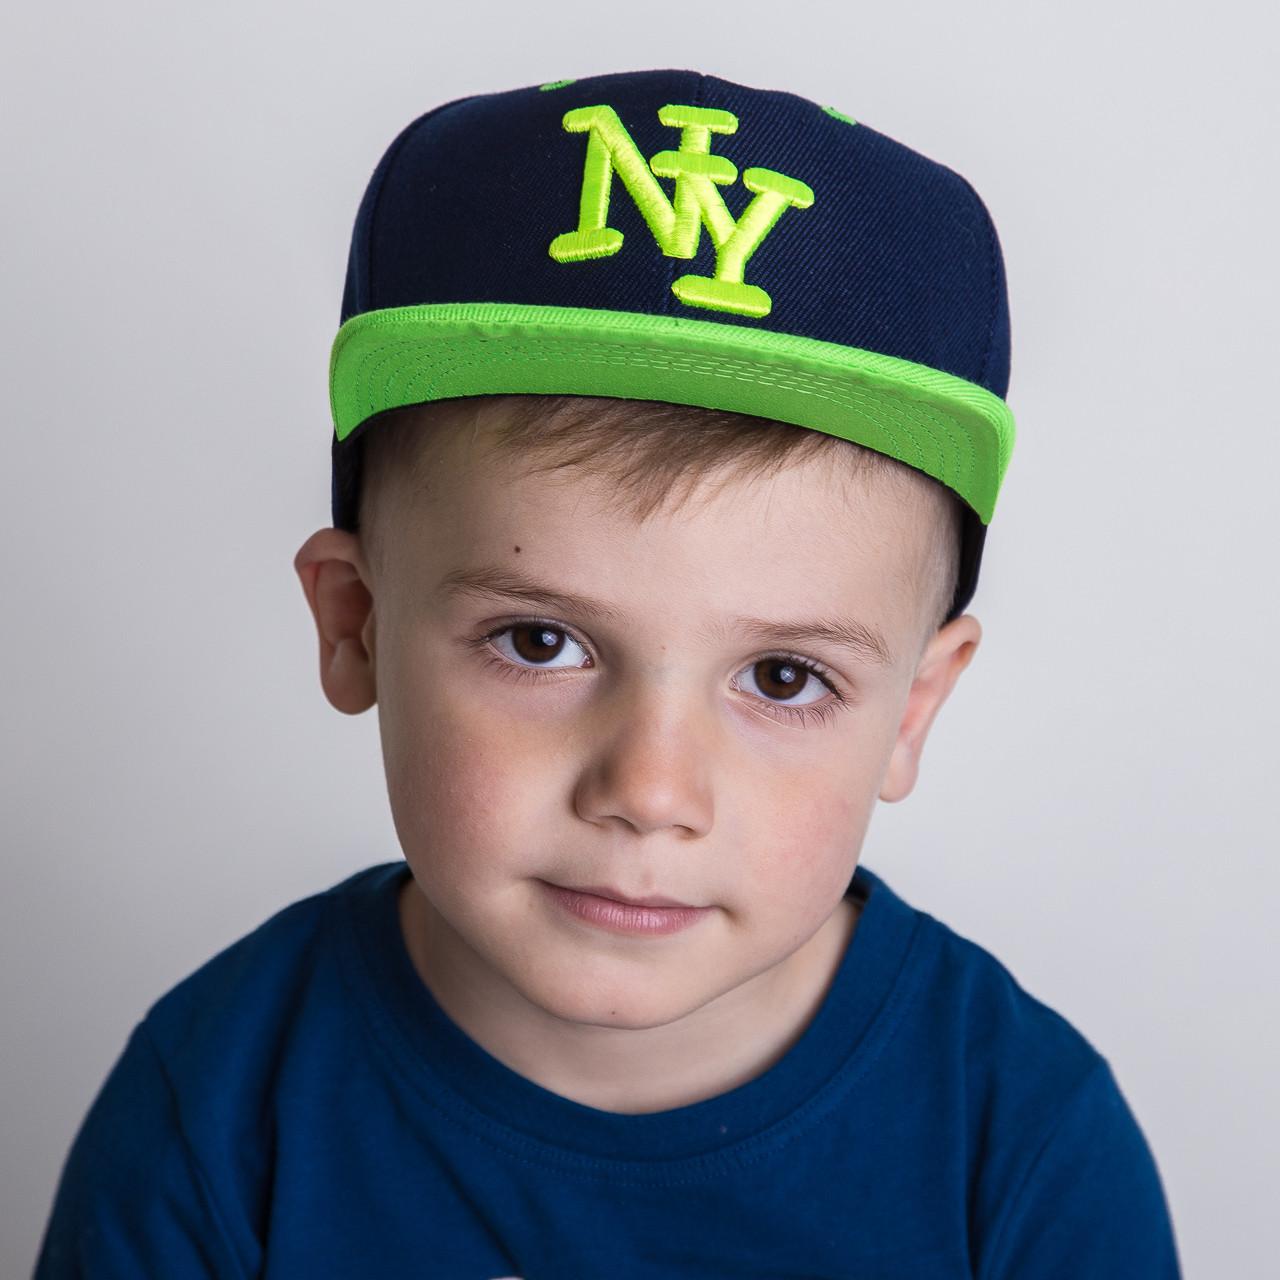 Реперская кепка для мальчика Snapback от производителя - New York - Б33